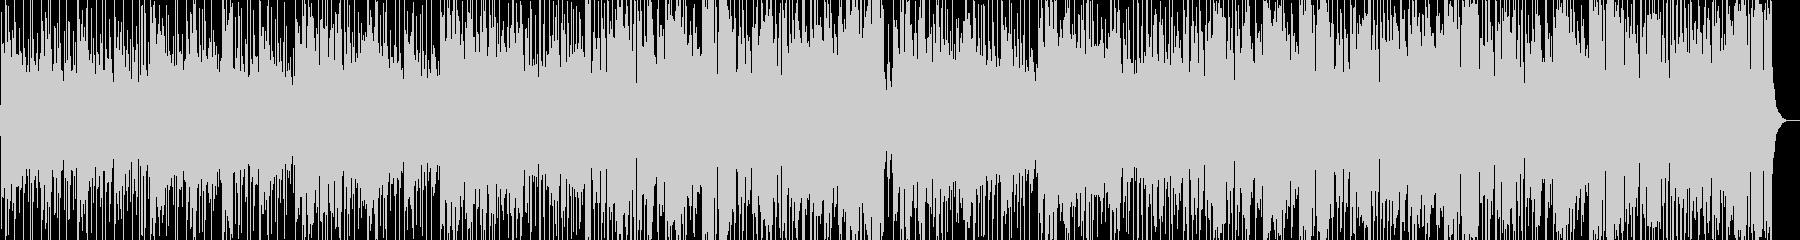 軽快なピアノがさわやかなフュージョンの未再生の波形